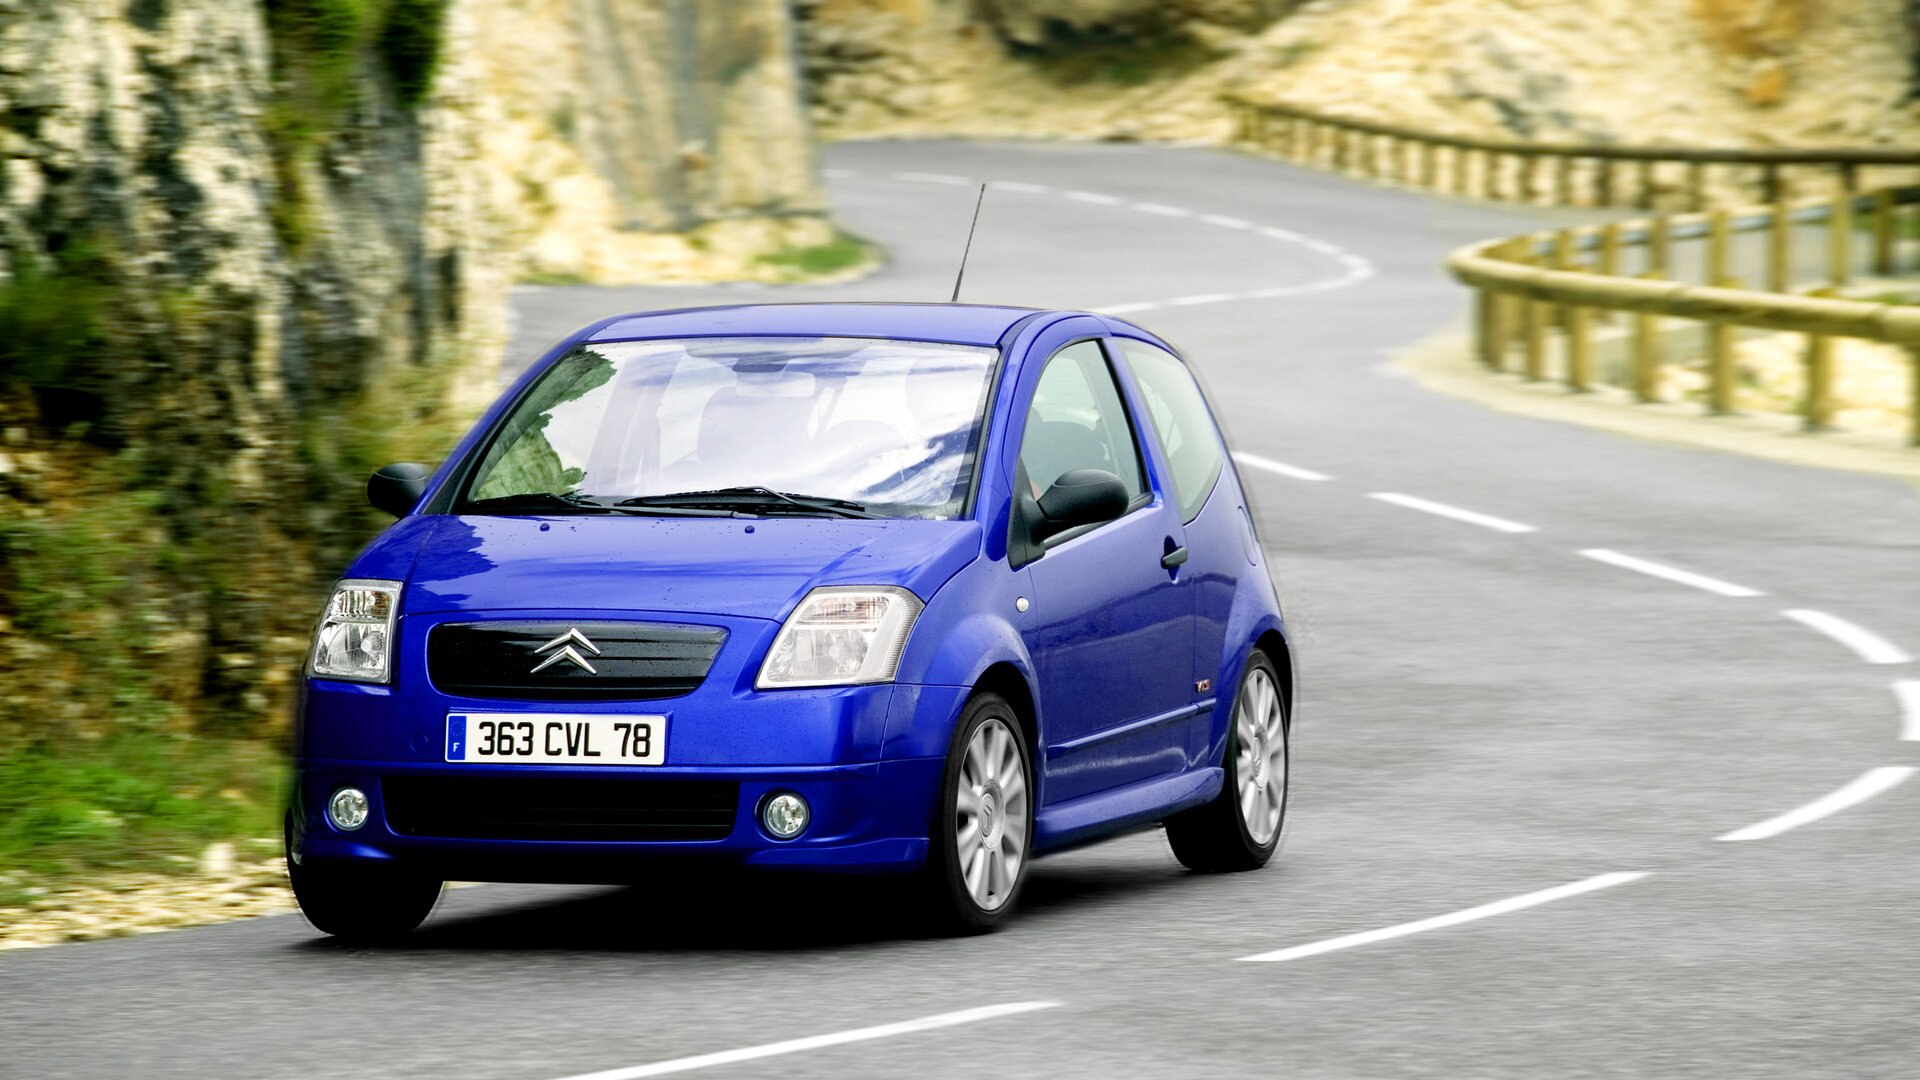 Coche del día: Citroën C2 VTS 1.6i 16v